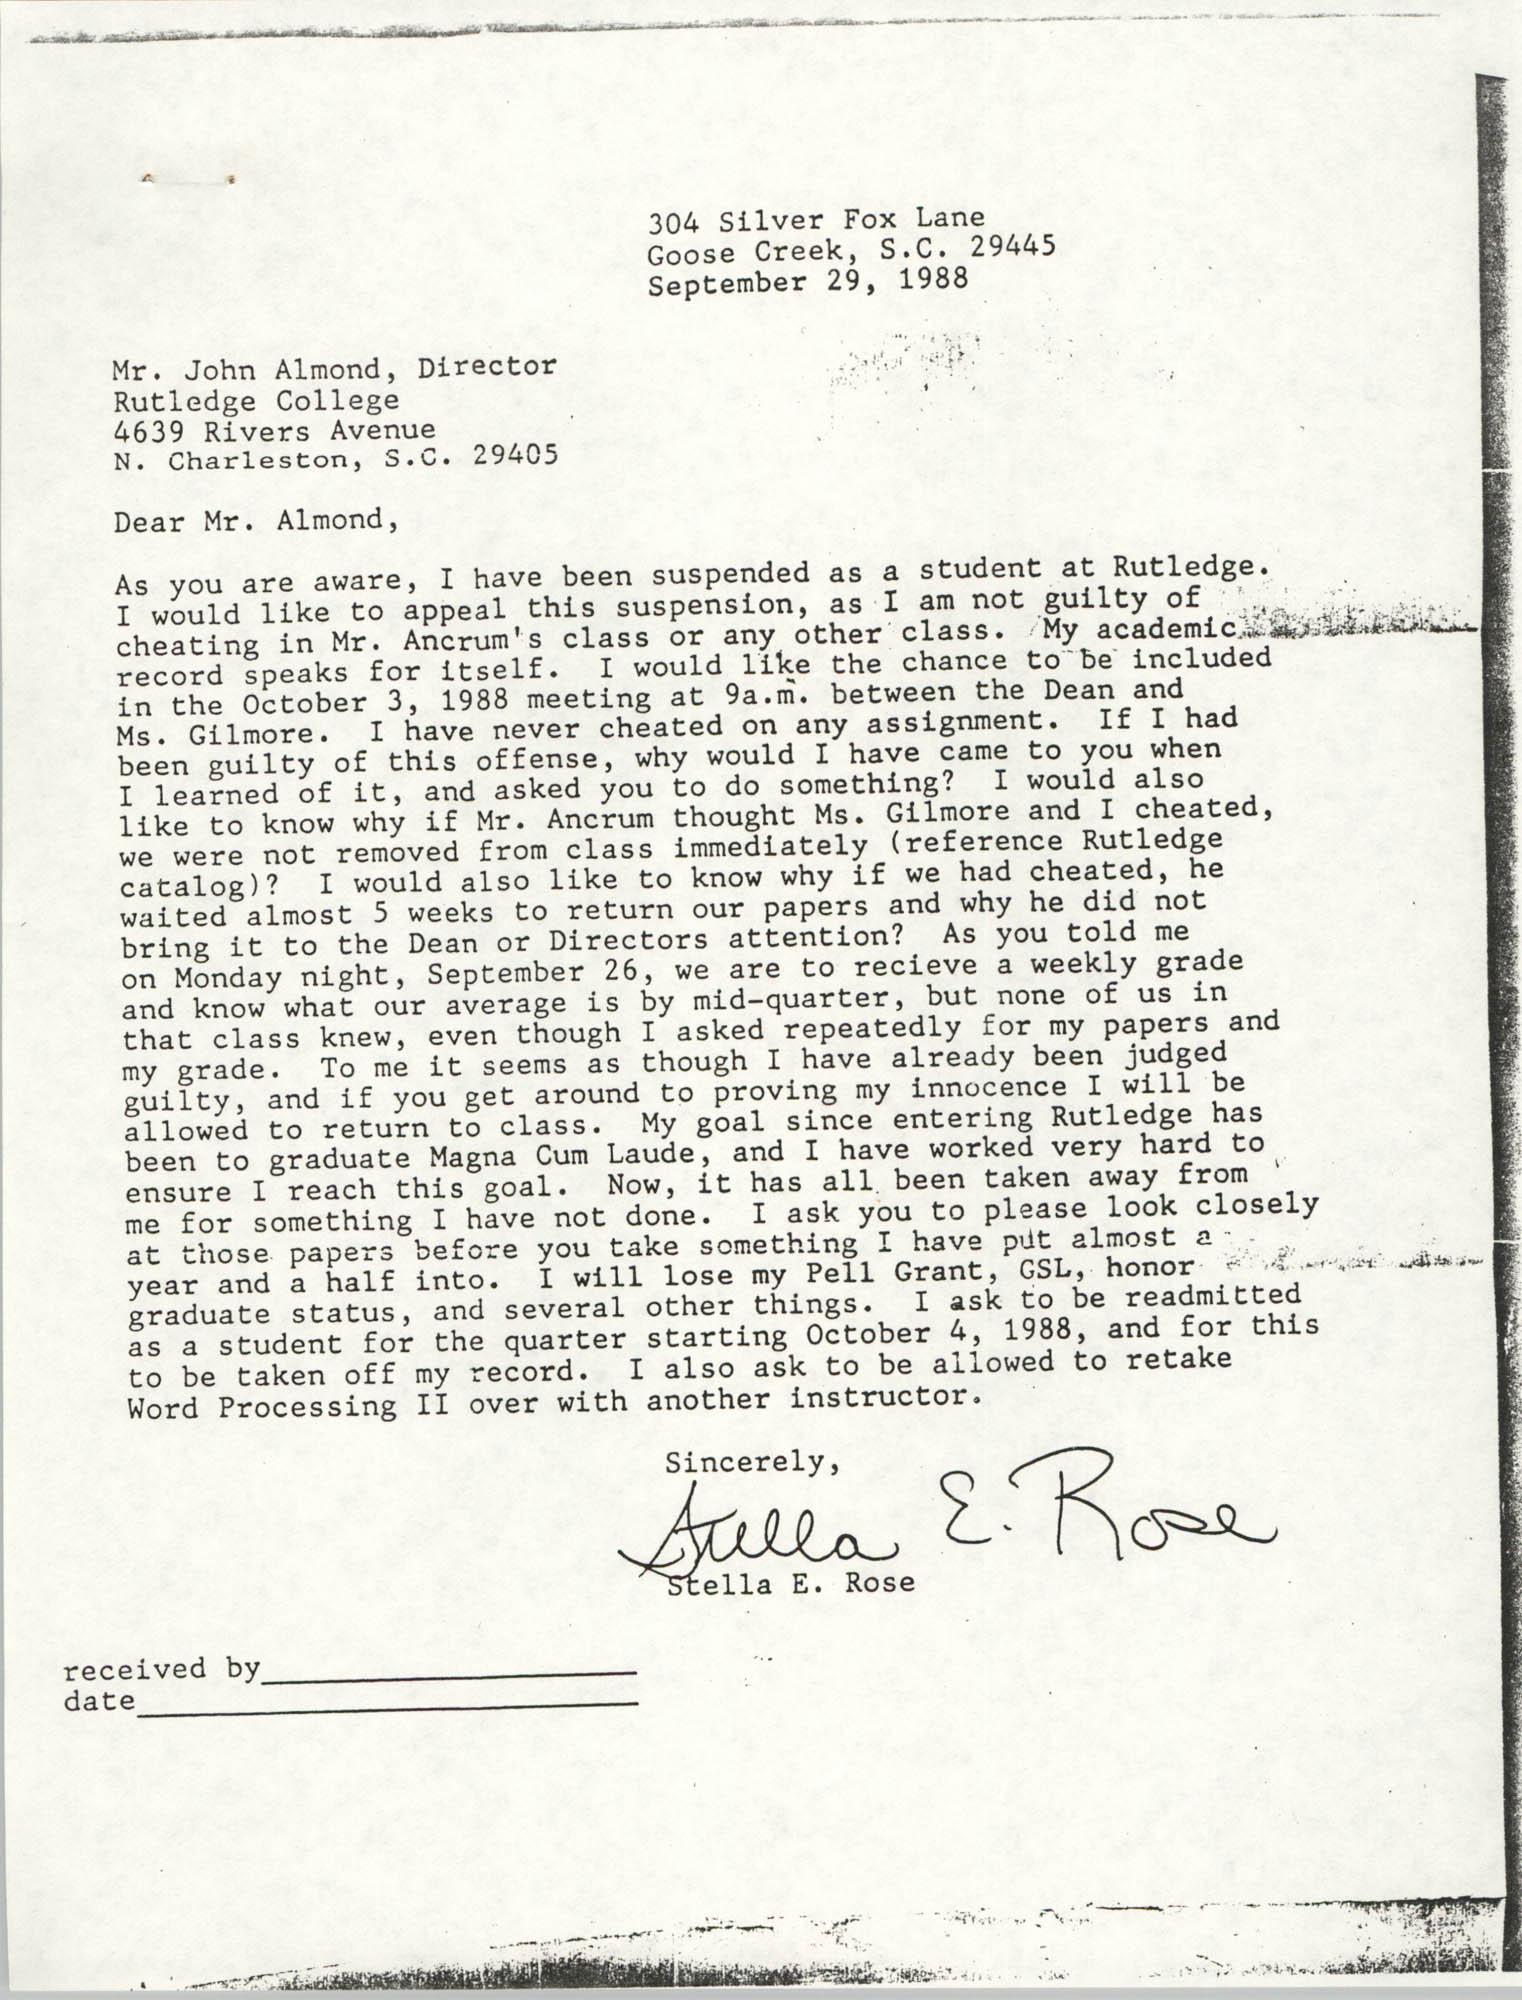 Letter from Stella E. Rose to John Almond, September 29, 1988